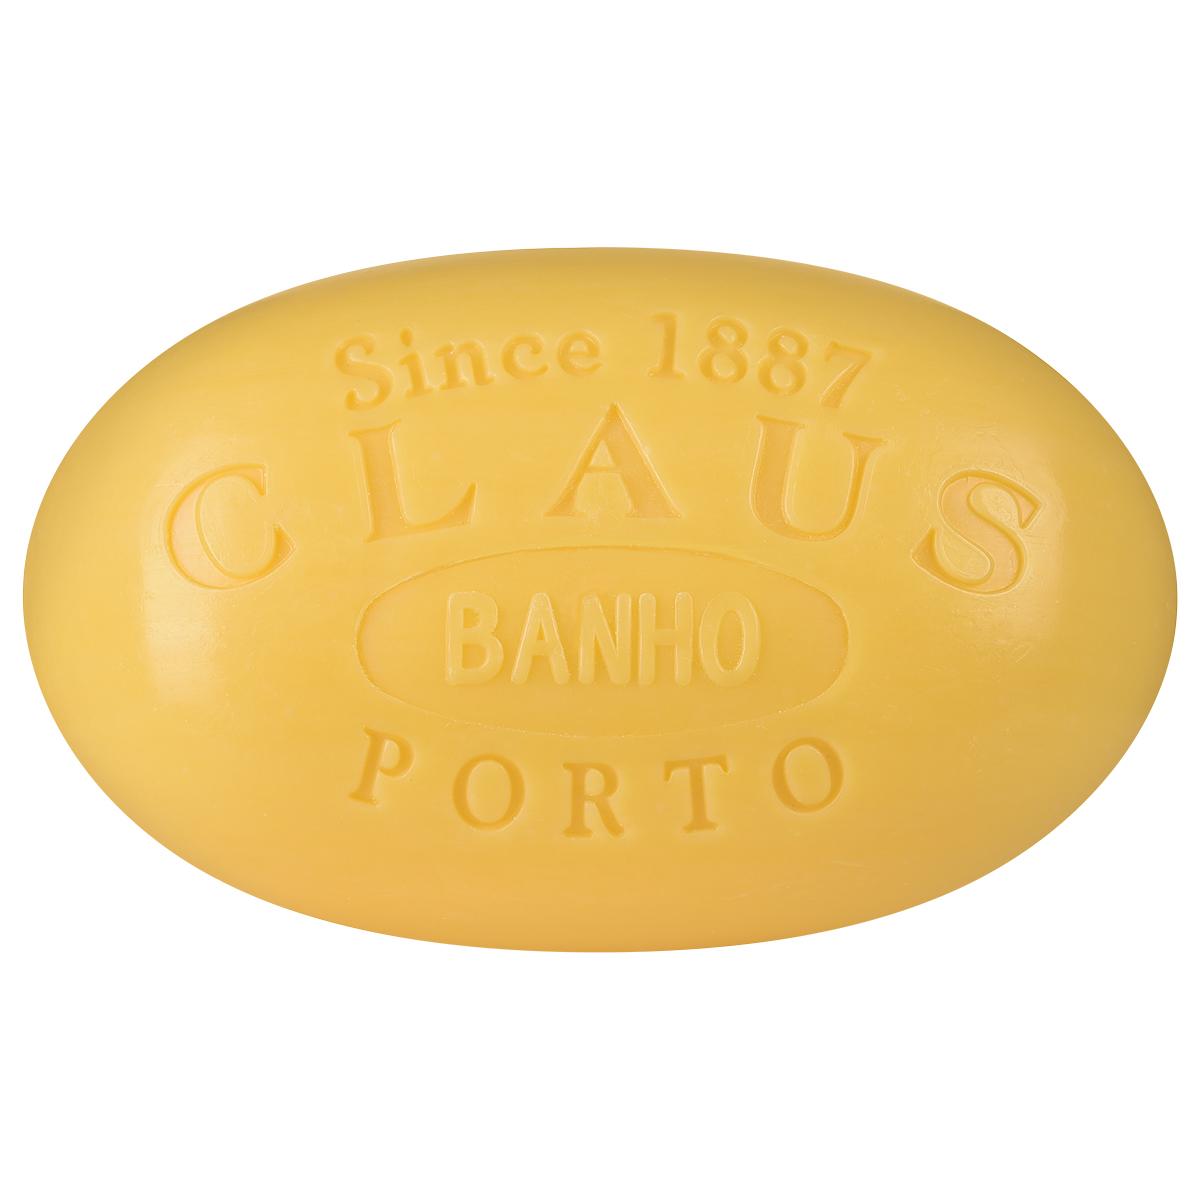 claus_porto_banho_seife